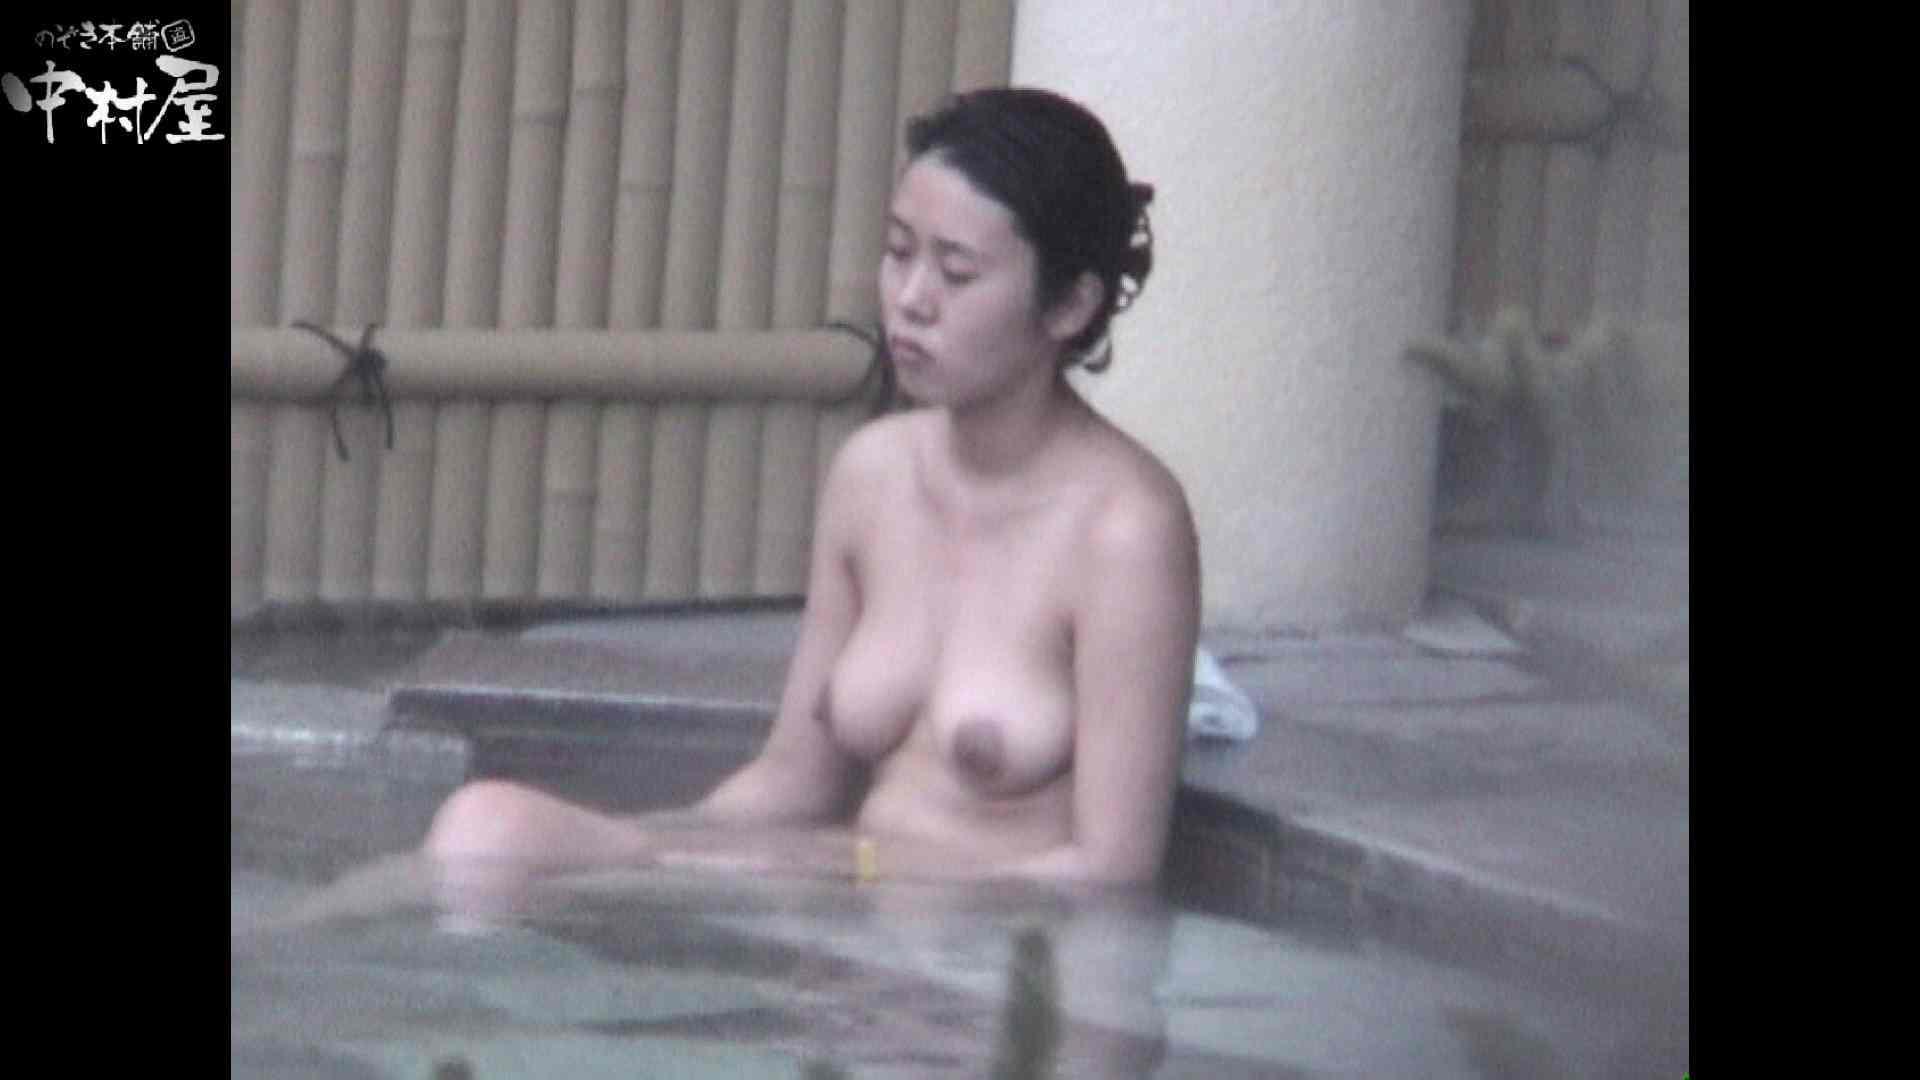 Aquaな露天風呂Vol.923 OLハメ撮り  91Pix 88